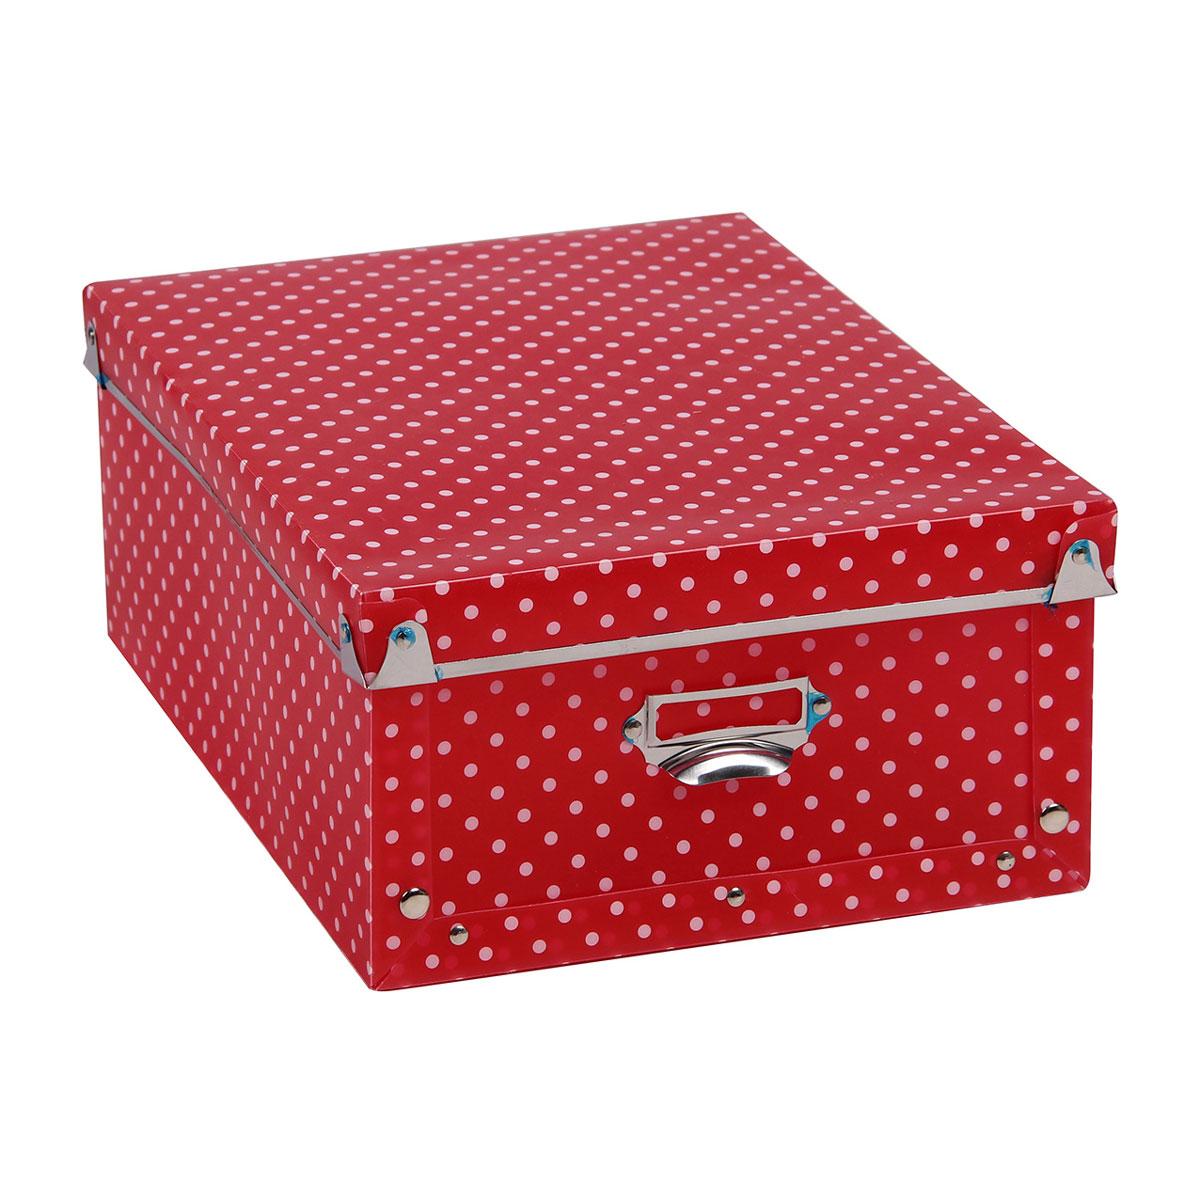 Короб для xранения Miolla, 27 x 18,5 x 14 см. SBD-01SBD-01Удобный и практичный короб Miolla идеально подойдет для хранения бумаг, канцелярских принадлежностей и любых других мелочей. Удобная крышка защитит ваши вещи от пыли, а боковые ручки позволят с легкостью переносить короб с места на место.Размер: 27 x 18,5 x 14 см.